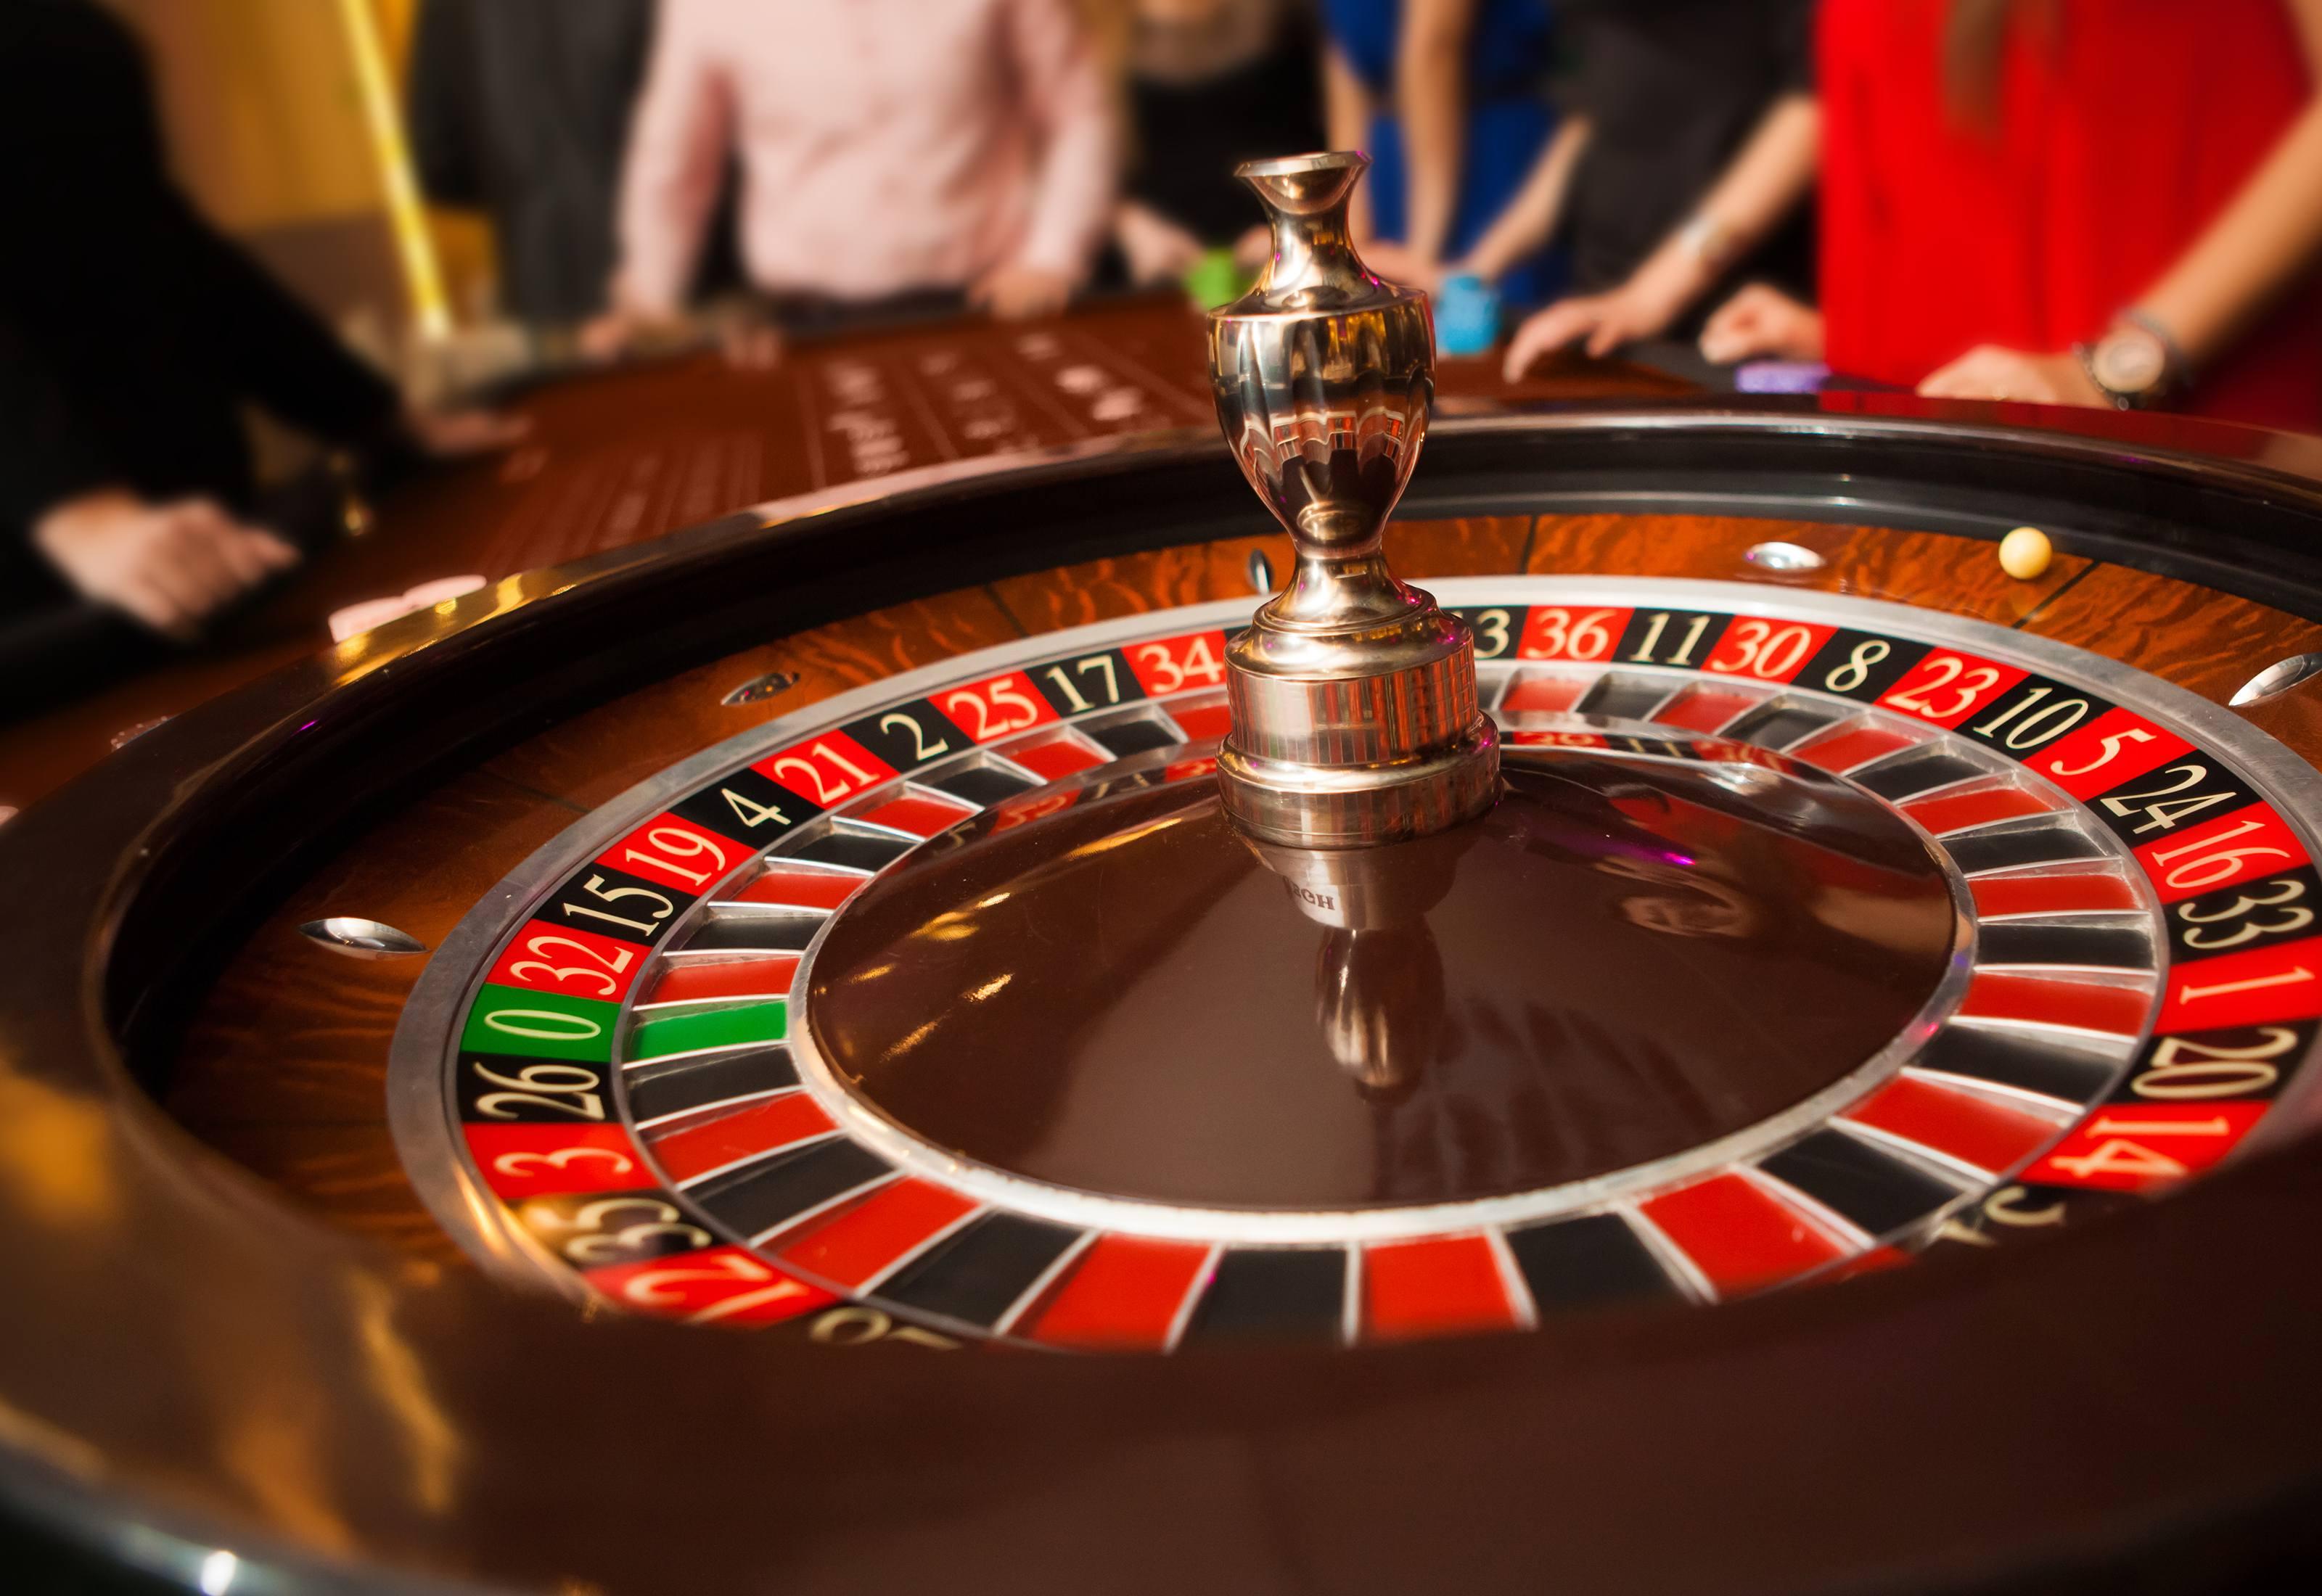 Sẽ cấp thẻ điện tử để quản lý người chơi casino